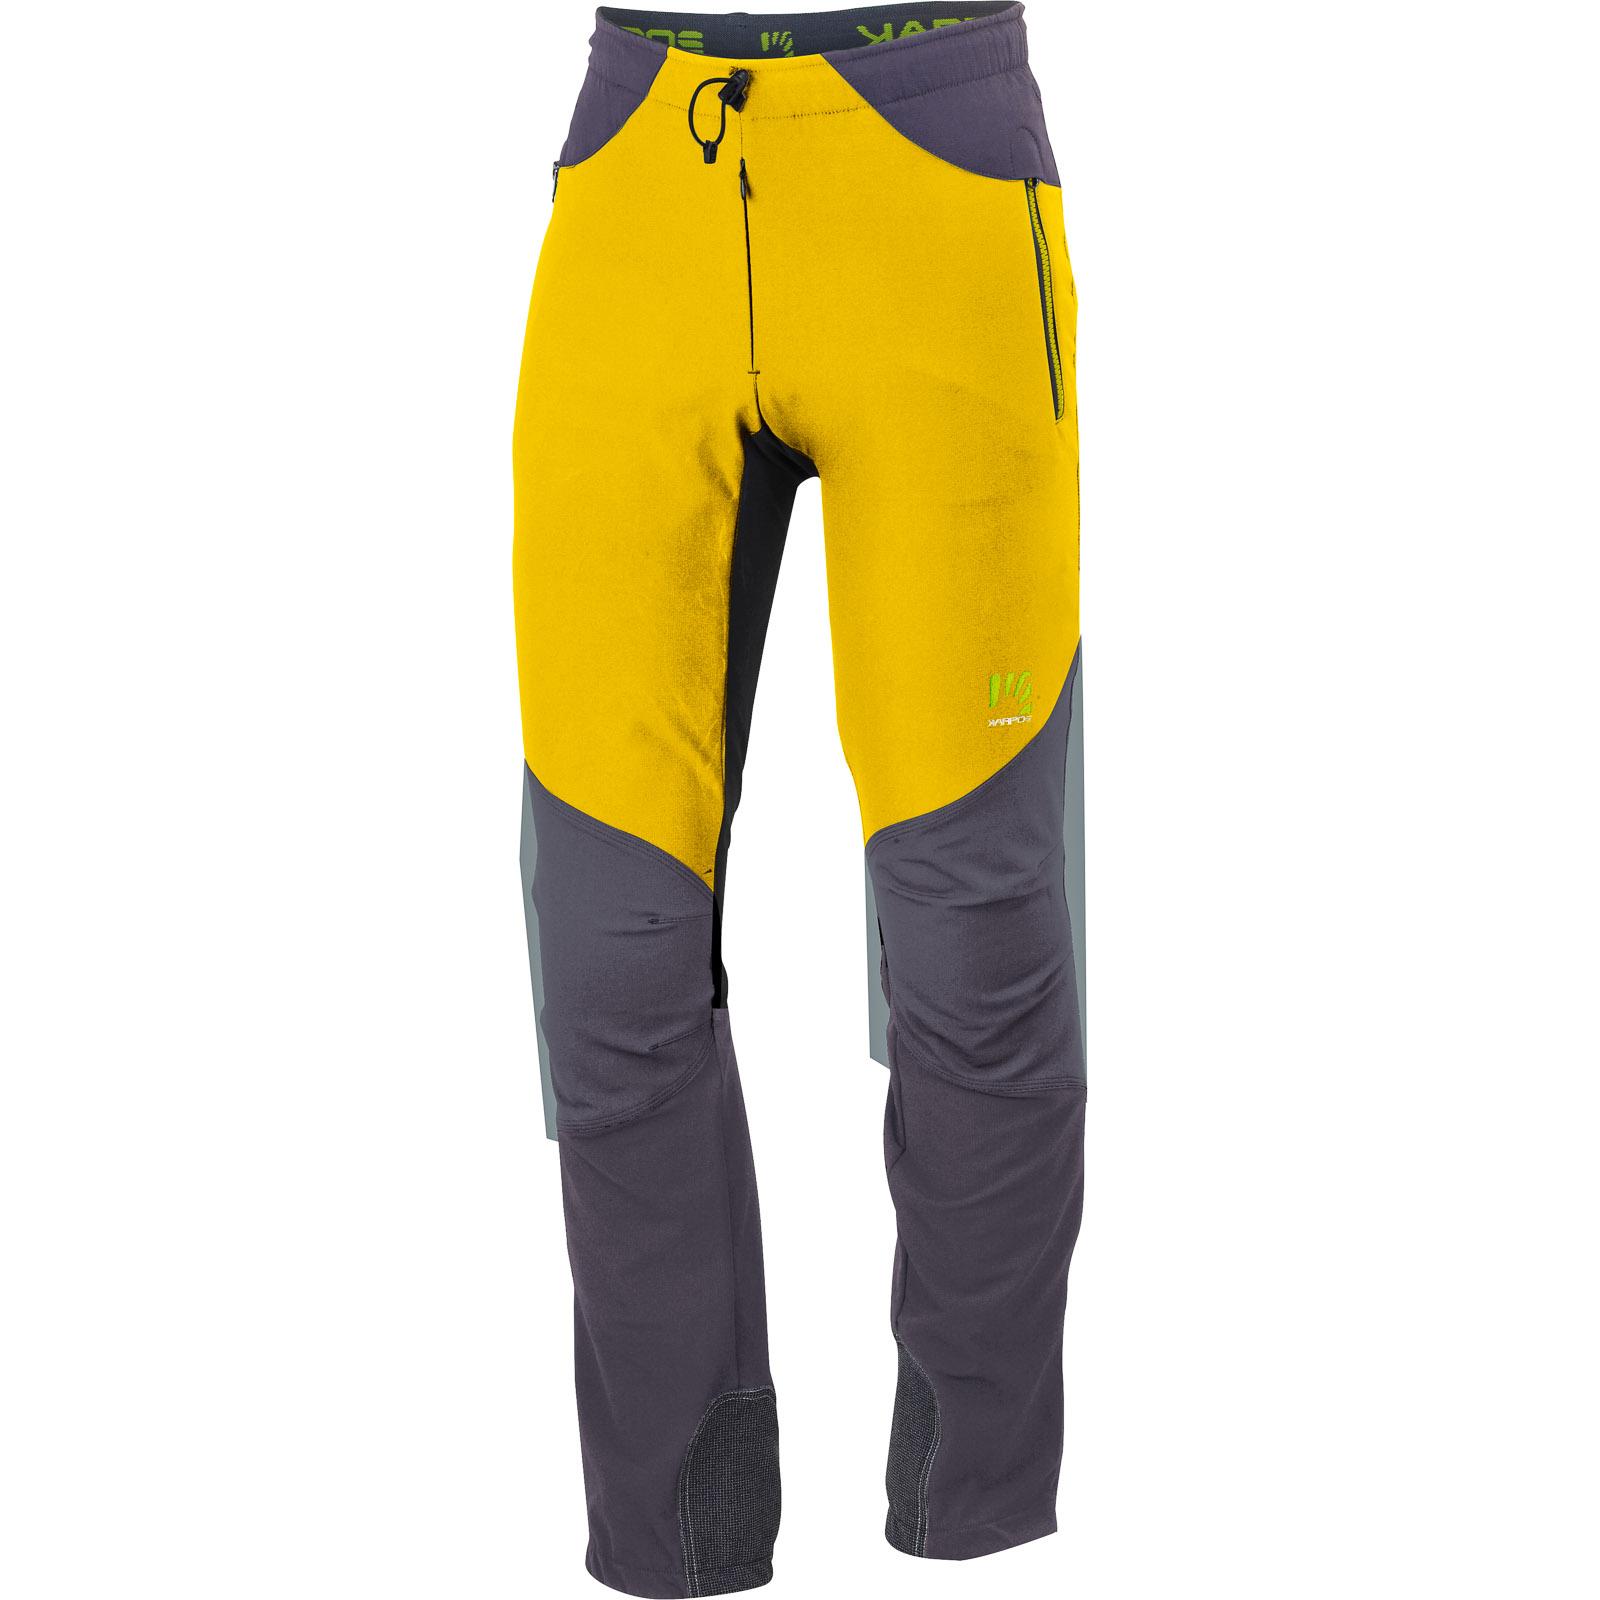 2d3c963b069f Karpos CEVEDALE nohavice žlté sivé